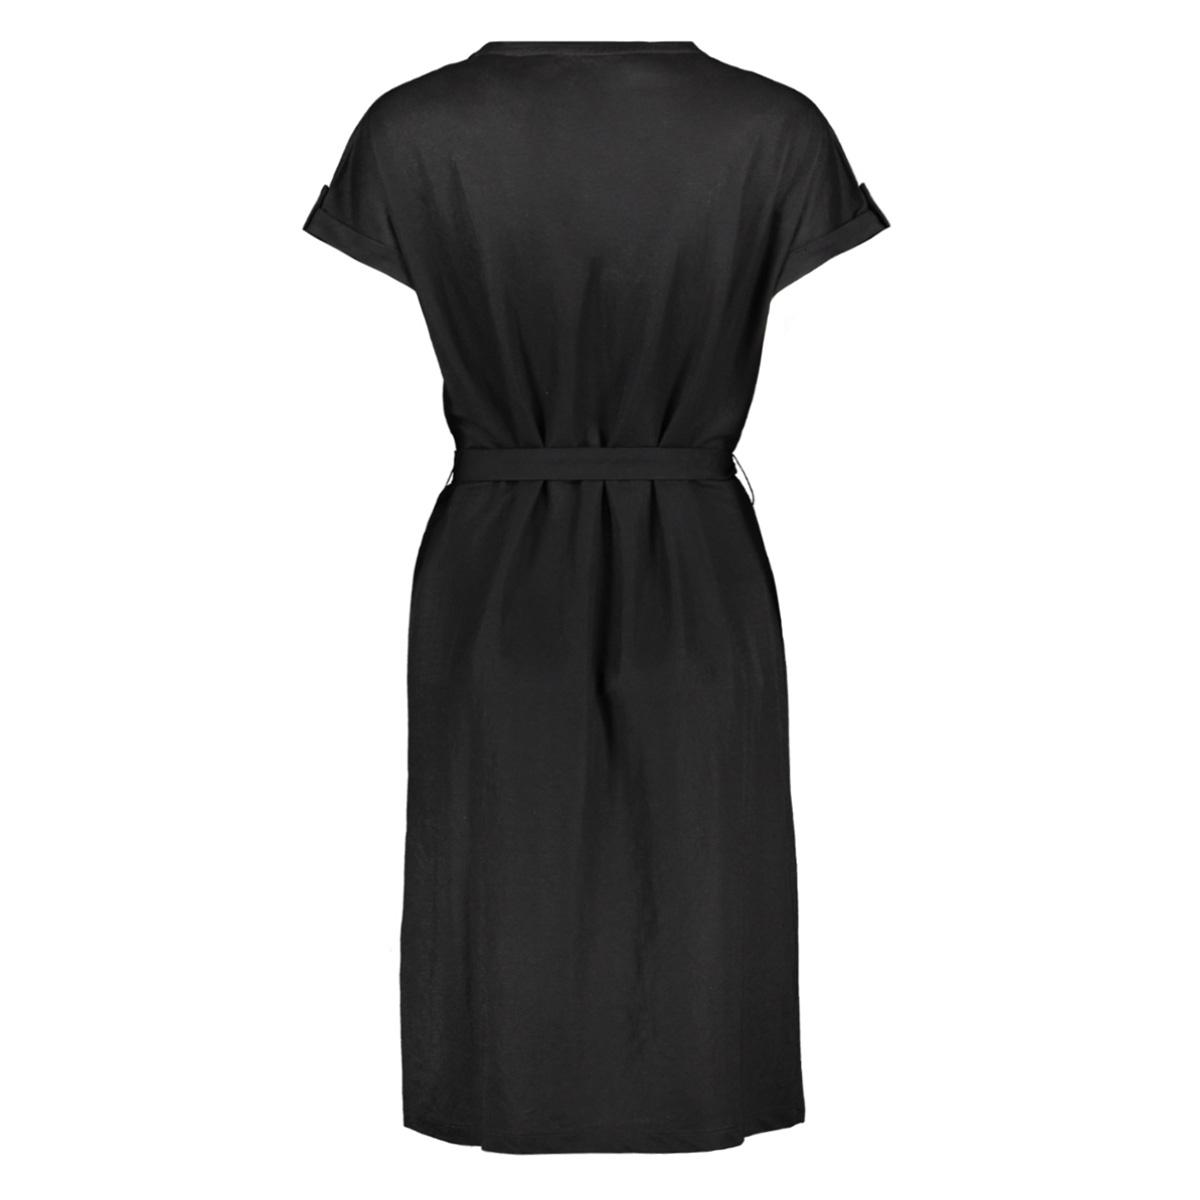 jurk met omgeslagen mouwen 14004823337 s.oliver jurk 9999